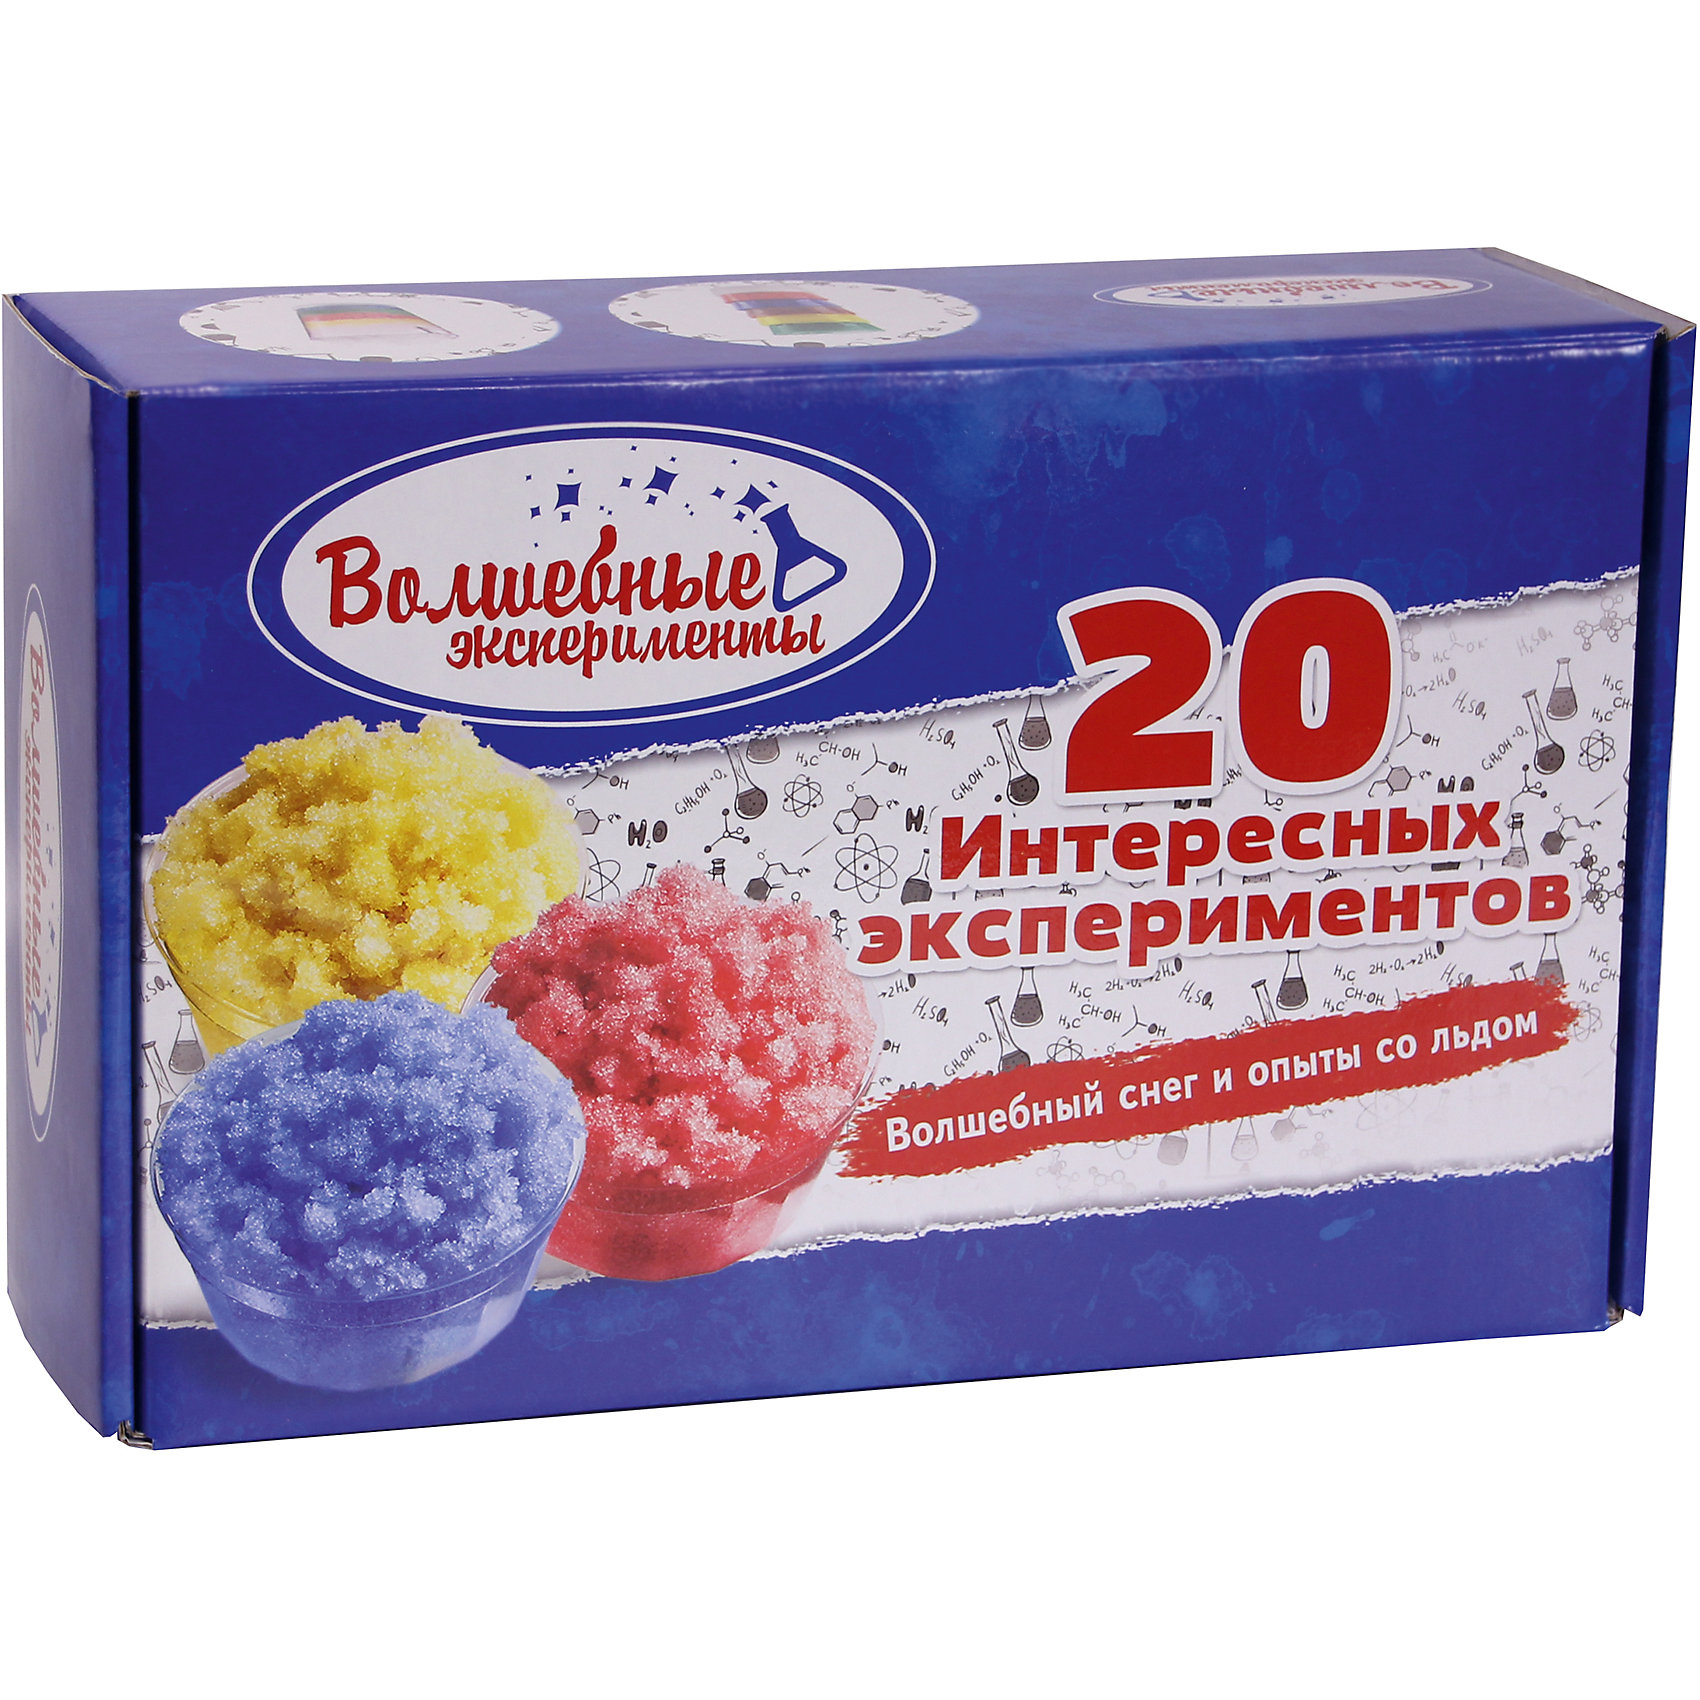 Большой набор Волшебный снег и 20 опытов со льдомЭксперименты и опыты<br>Большой набор Волшебный снег и 20 опытов со льдом.<br><br>Характеристики:<br><br>• Для детей в возрасте: от 14 лет<br>• В наборе: волшебный снег 10 пакетиков, краски 6 цветов, кисть, мерный стакан, мерная ложечка, прозрачная трубочка, пластиковая палочка для размешивания, 7 стаканчиков по 100 мл, 3 емкости для проведения опытов, цветной буклет-инструкция<br>• Упаковка: цветная картонная коробка<br>• Размер упаковки: 30х20х10 см.<br>• Вес: 480 гр.<br>• Производство: Россия<br><br>В наборе «Волшебный снег и 20 опытов со льдом» есть все необходимое для того, чтобы провести 20 интересных опытов. Проводя опыты, можно убедиться, что снег бывает не только холодный, что радуга может быть и снежной, и ледяной, и водяной, а рисовать можно не только красками, но и цветным льдом, узнать, что произойдет, если льдинки посыпать солью, понаблюдать, что будет, если лед опустить в масло и многое другое. Вы узнаете, что такое Волшебный снег, сможете понаблюдать, как он моментально увеличивается в объёме. В комплекте имеется красочный буклет из 20 страниц с подробными инструкциями и интересными рассказами о свойствах снега и льда.<br><br>Большой набор Волшебный снег и 20 опытов со льдом можно купить в нашем интернет-магазине.<br><br>Ширина мм: 320<br>Глубина мм: 200<br>Высота мм: 100<br>Вес г: 480<br>Возраст от месяцев: 168<br>Возраст до месяцев: 2147483647<br>Пол: Унисекс<br>Возраст: Детский<br>SKU: 5515565